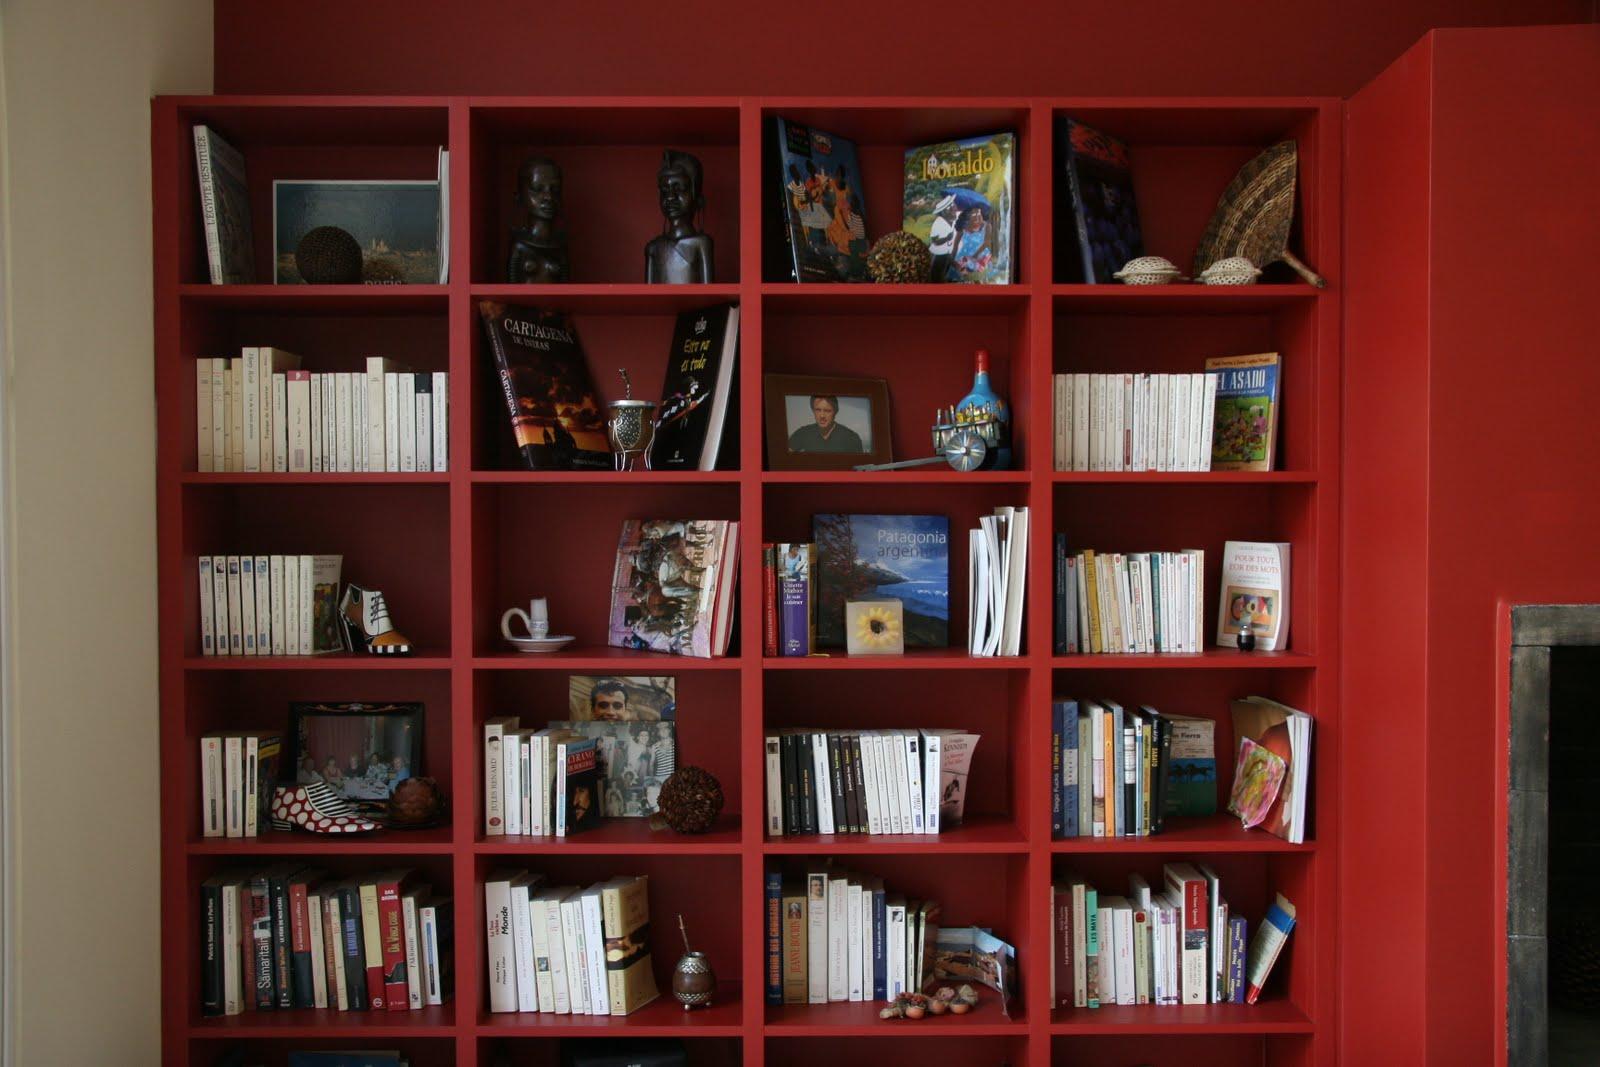 Muebles a tu medida biblioteca y hogar todo en uno - Todo hogar muebles ...